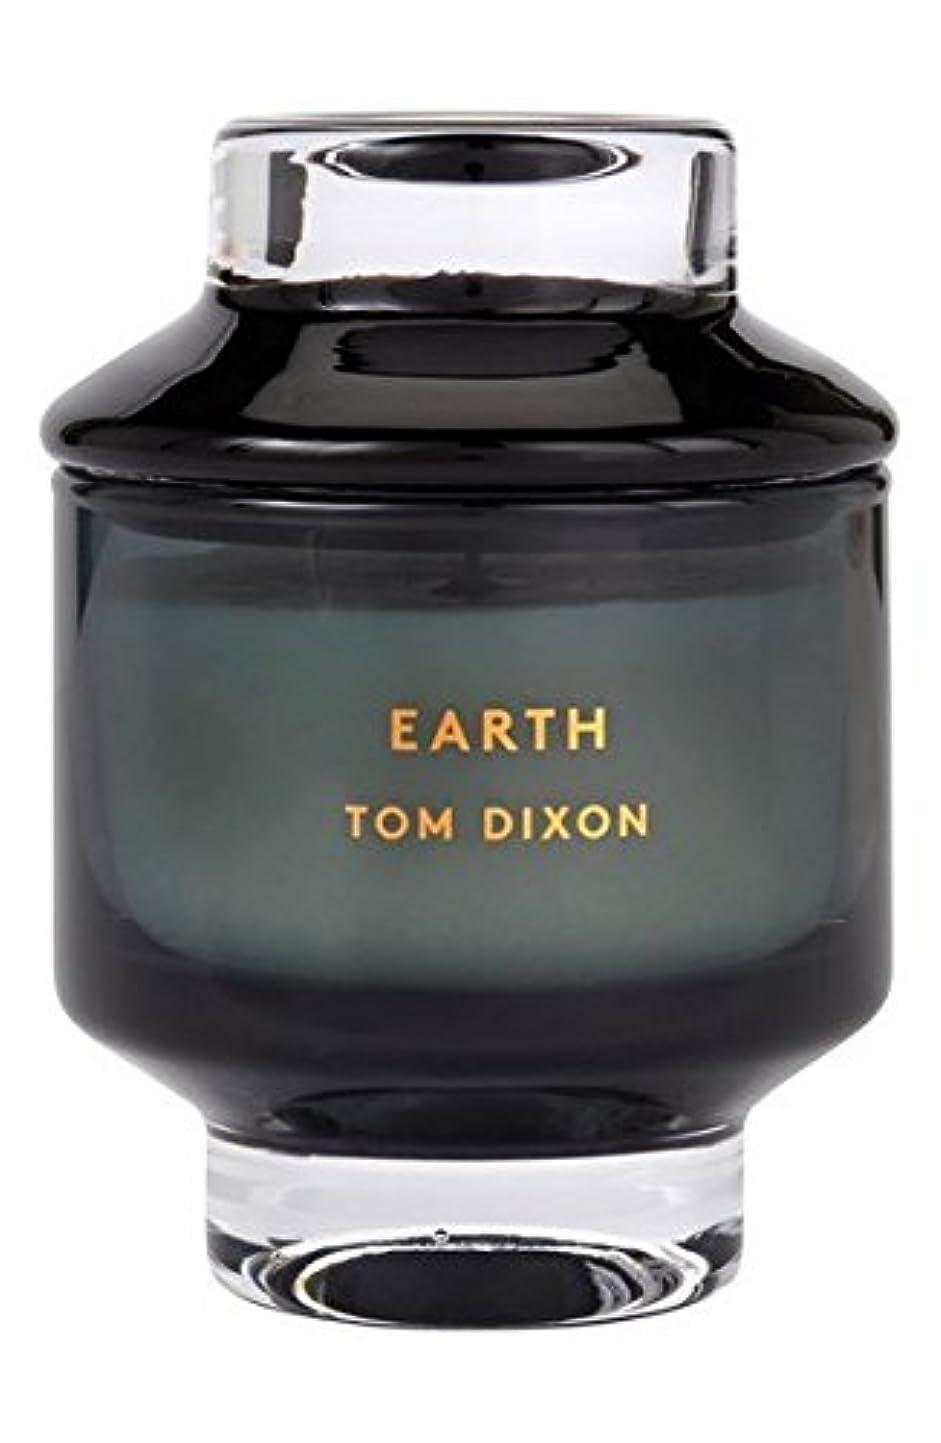 暗記する言語印象的なTom Dixon 'Earth' Candle (トム ディクソン 'アース' キャンドル中)Midium